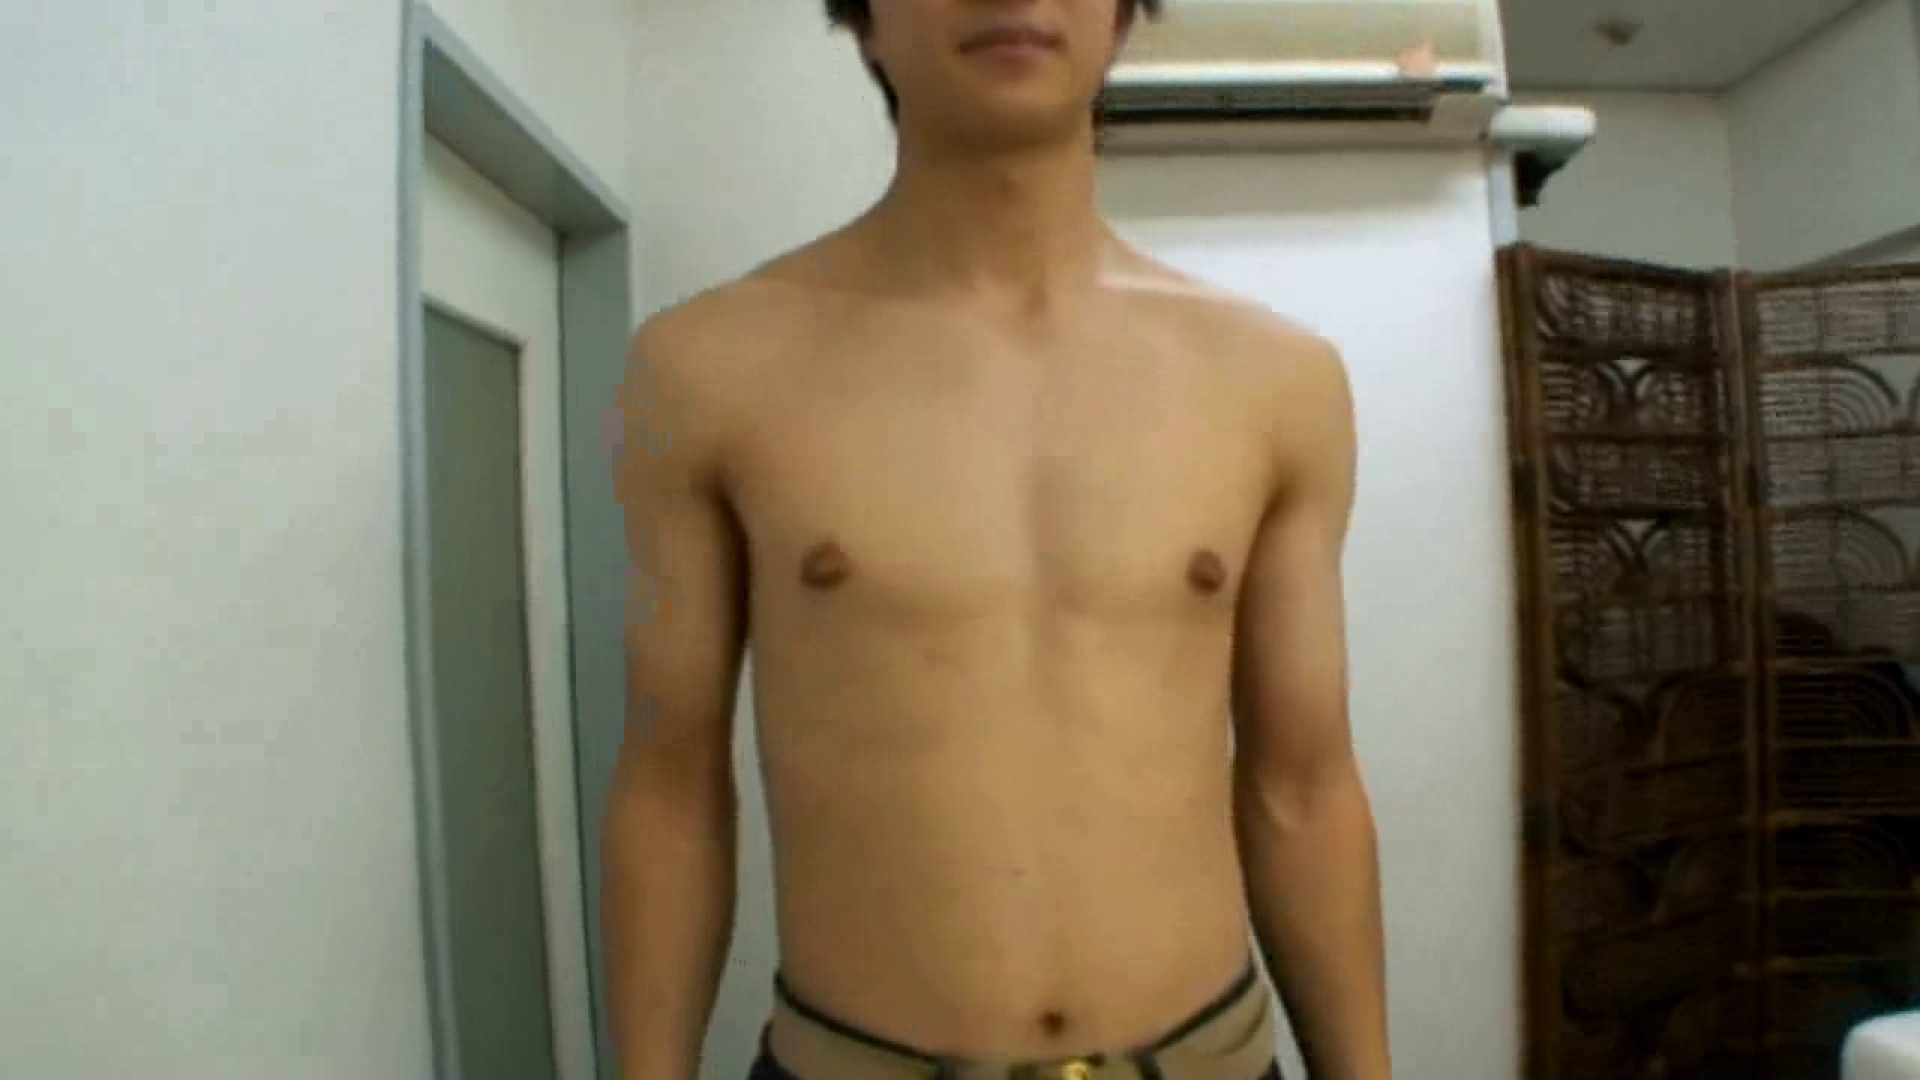 ノンケ!自慰スタジオ No.16 ノンケ一筋 ゲイアダルト画像 60pic 35